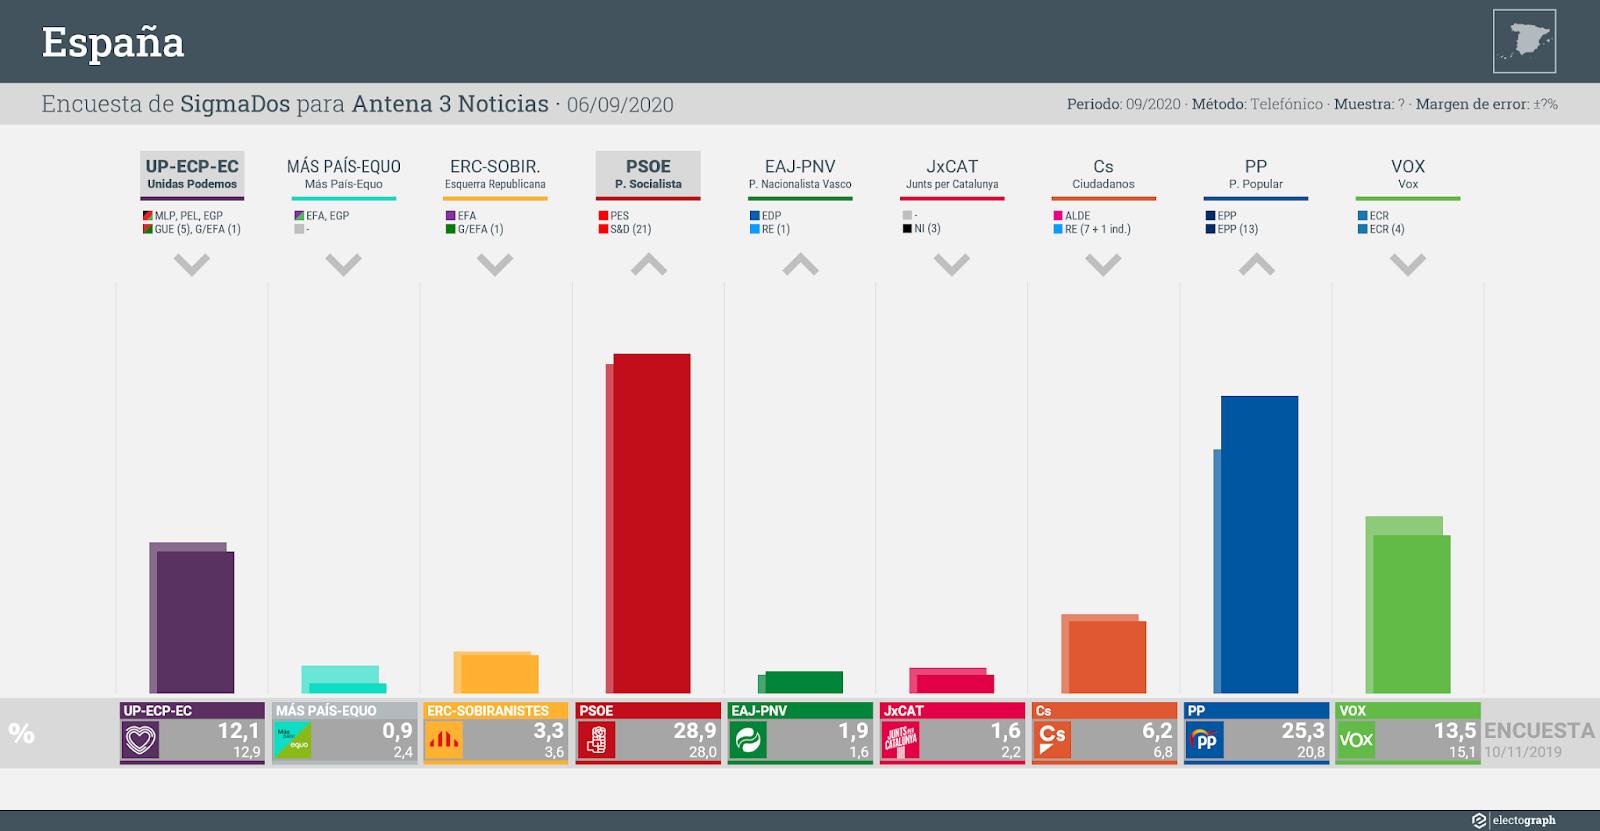 Gráfico de la encuesta para elecciones generales en España realizada por SigmaDos para Antena 3 Noticias, 6 de septiembre de 2020